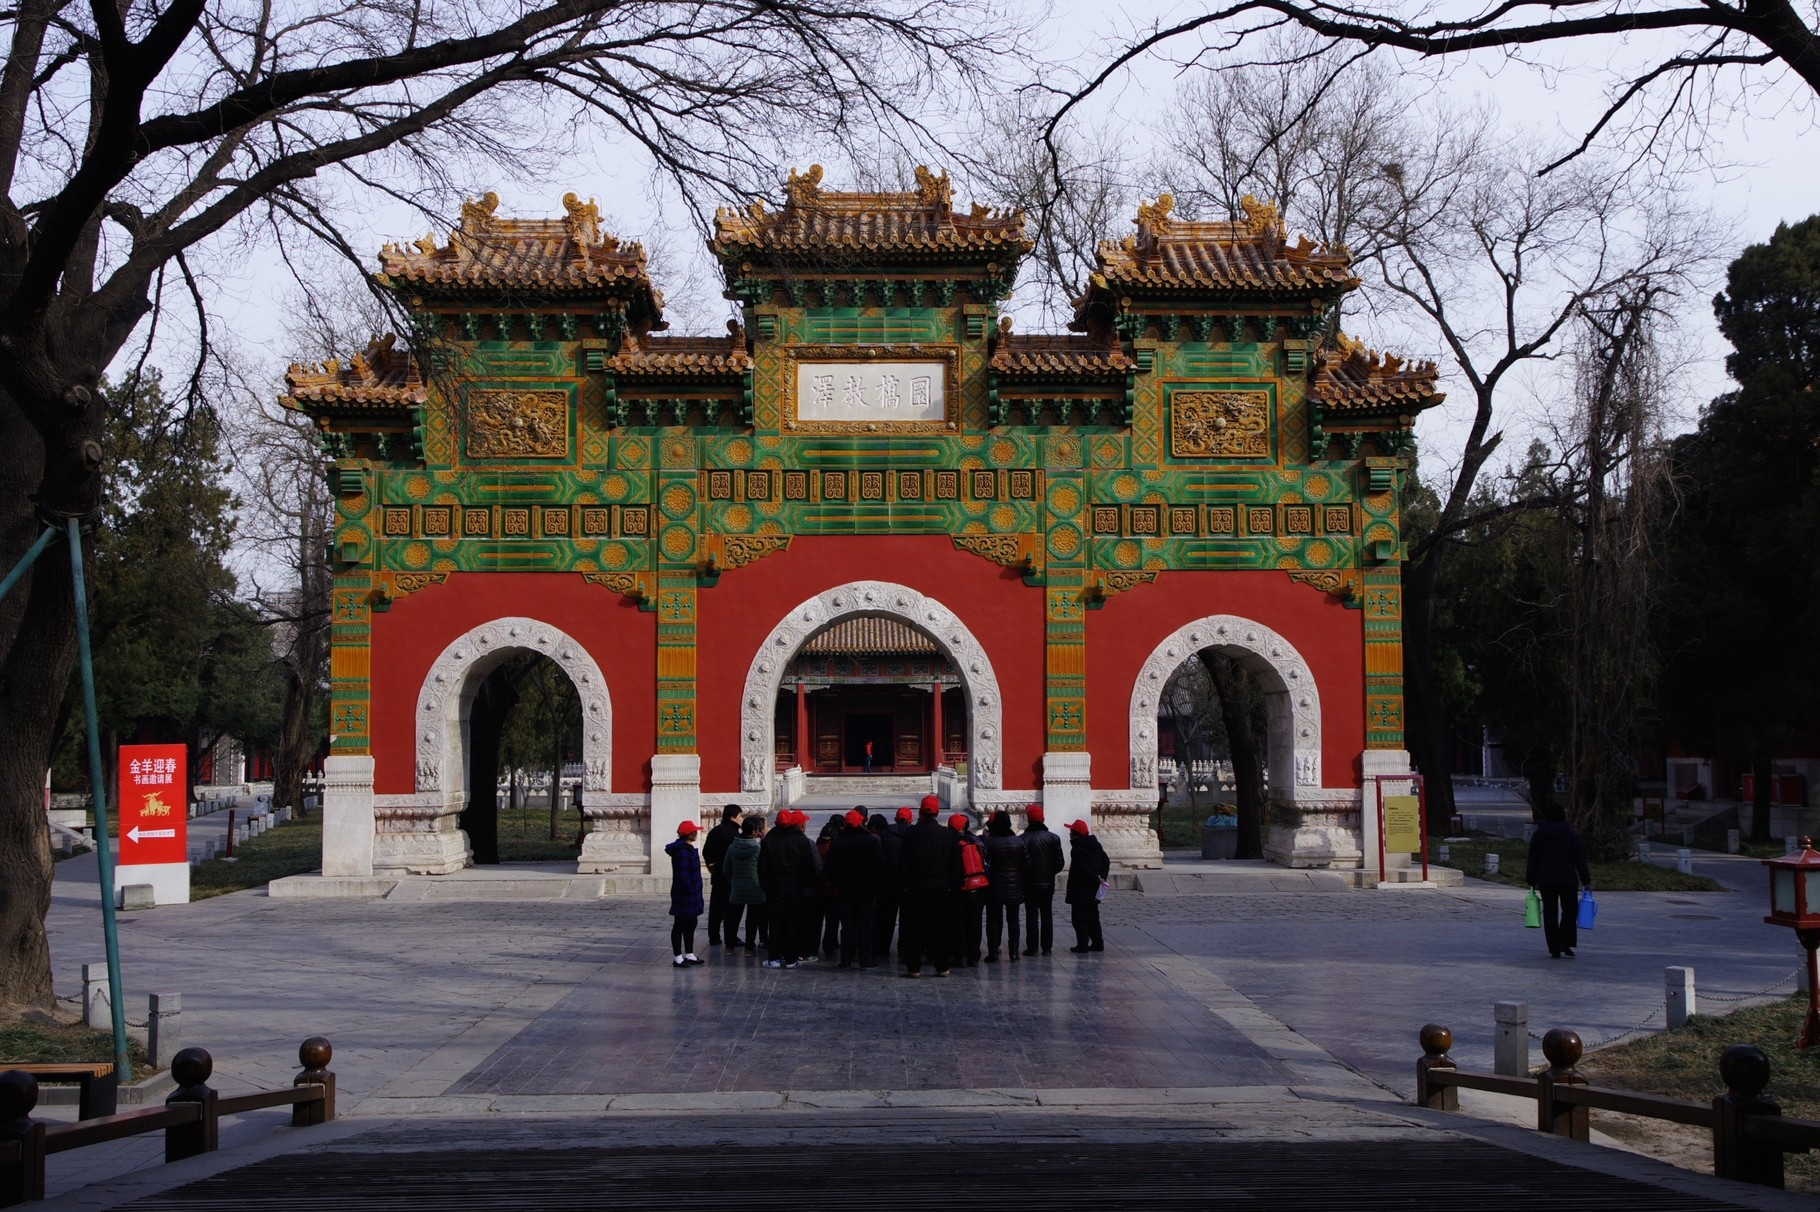 入り口ではなく第一の主殿の前にある牌楼